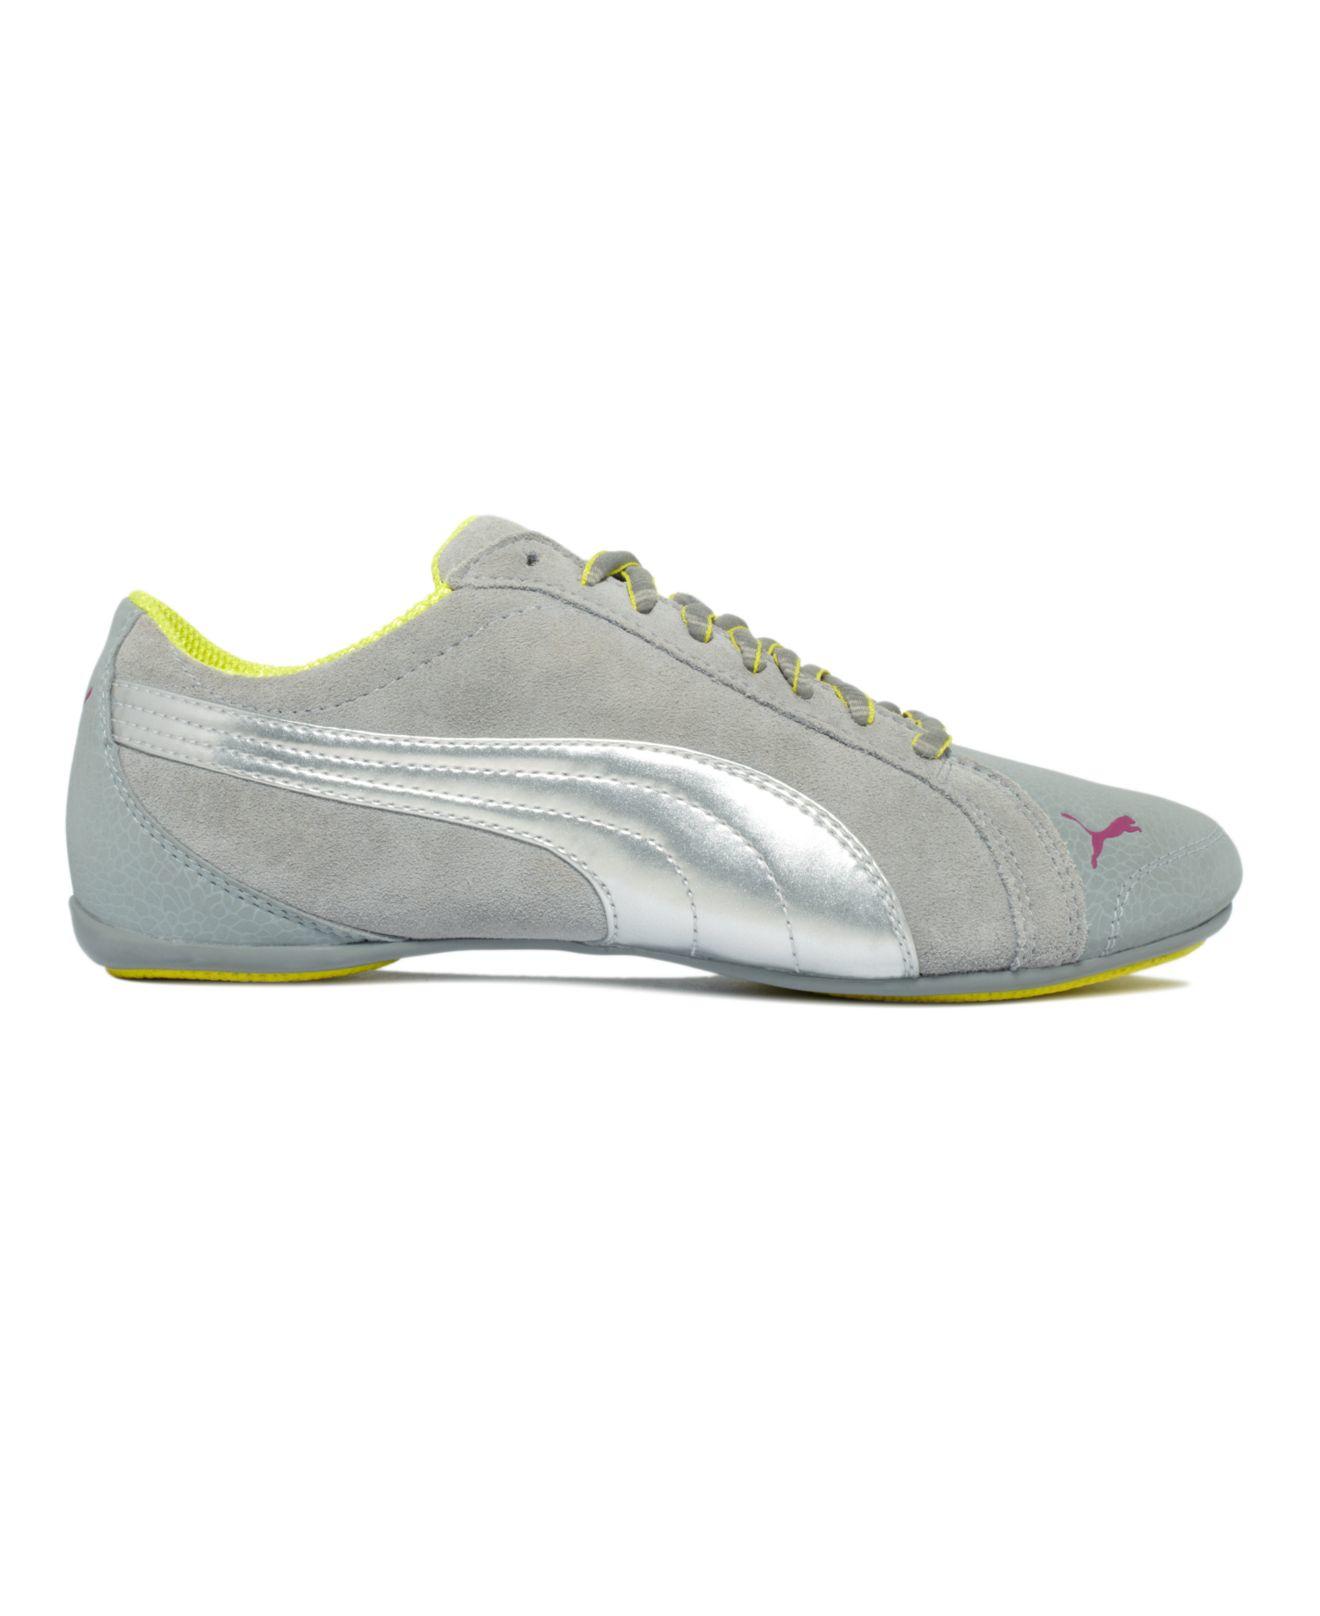 88ba56185f0 Lyst - PUMA Women s Janine Dance Flower Sneakers From Finish Line in ...